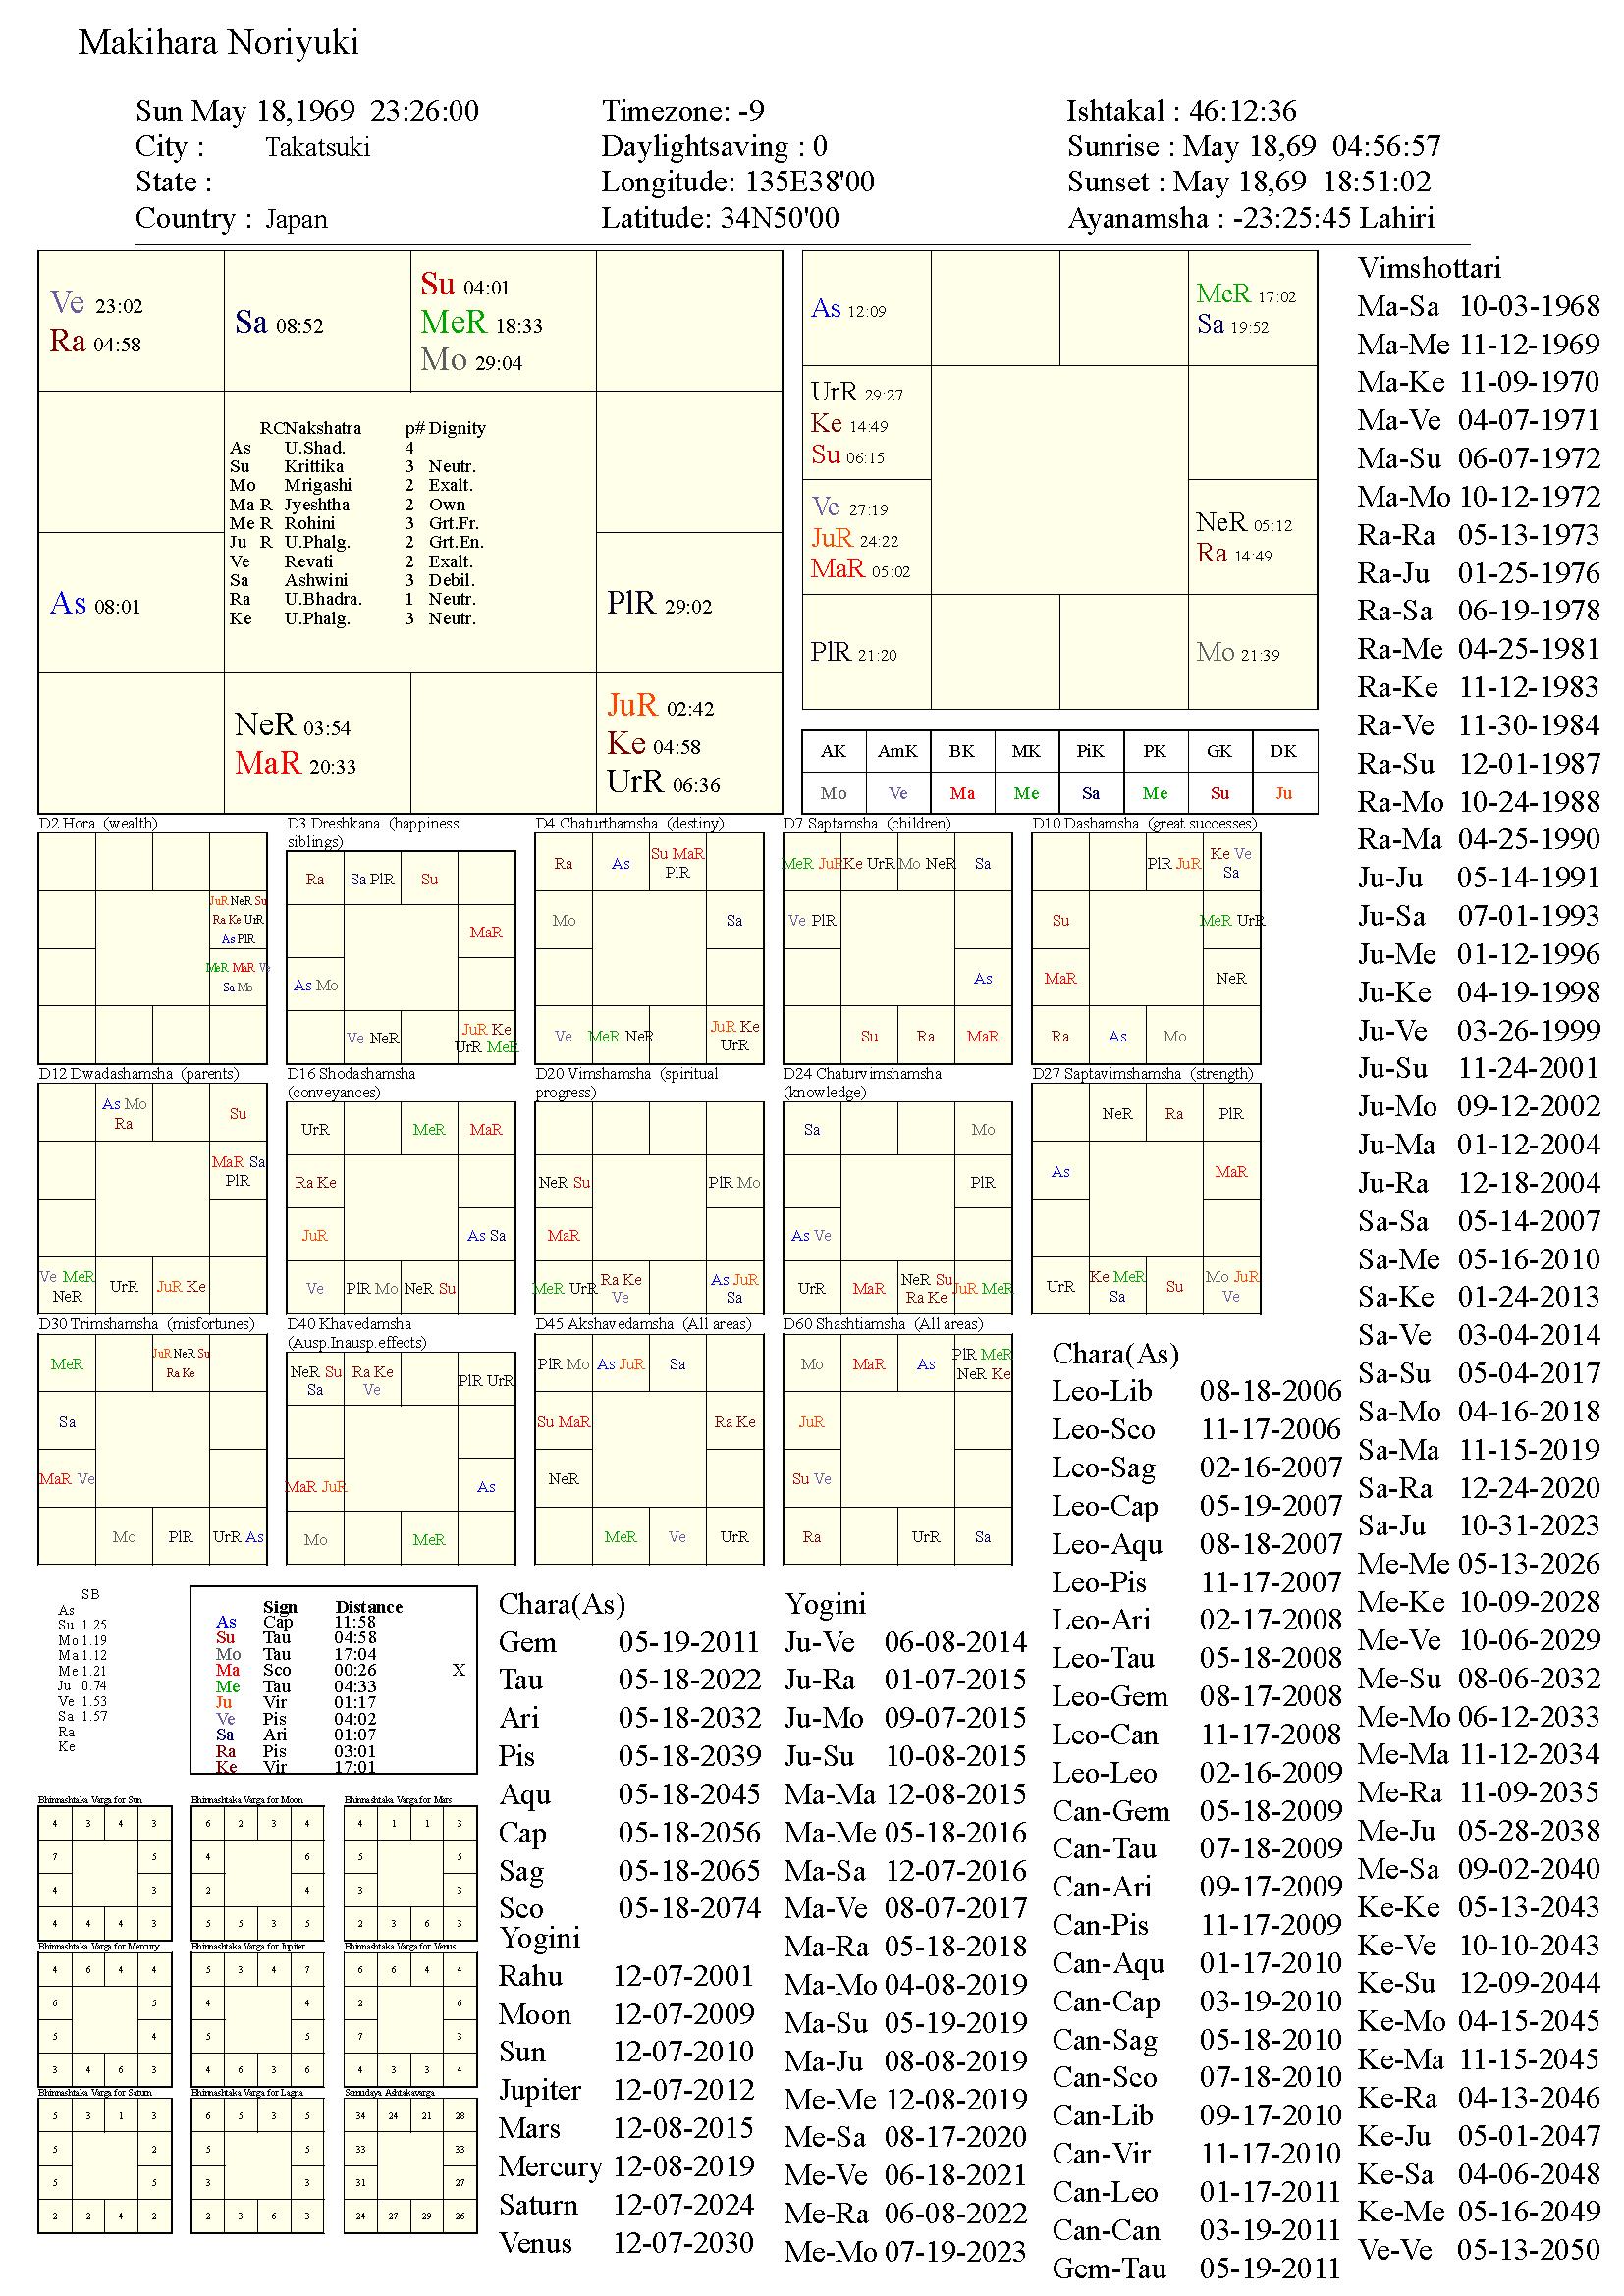 makiharanoriyuki_chart